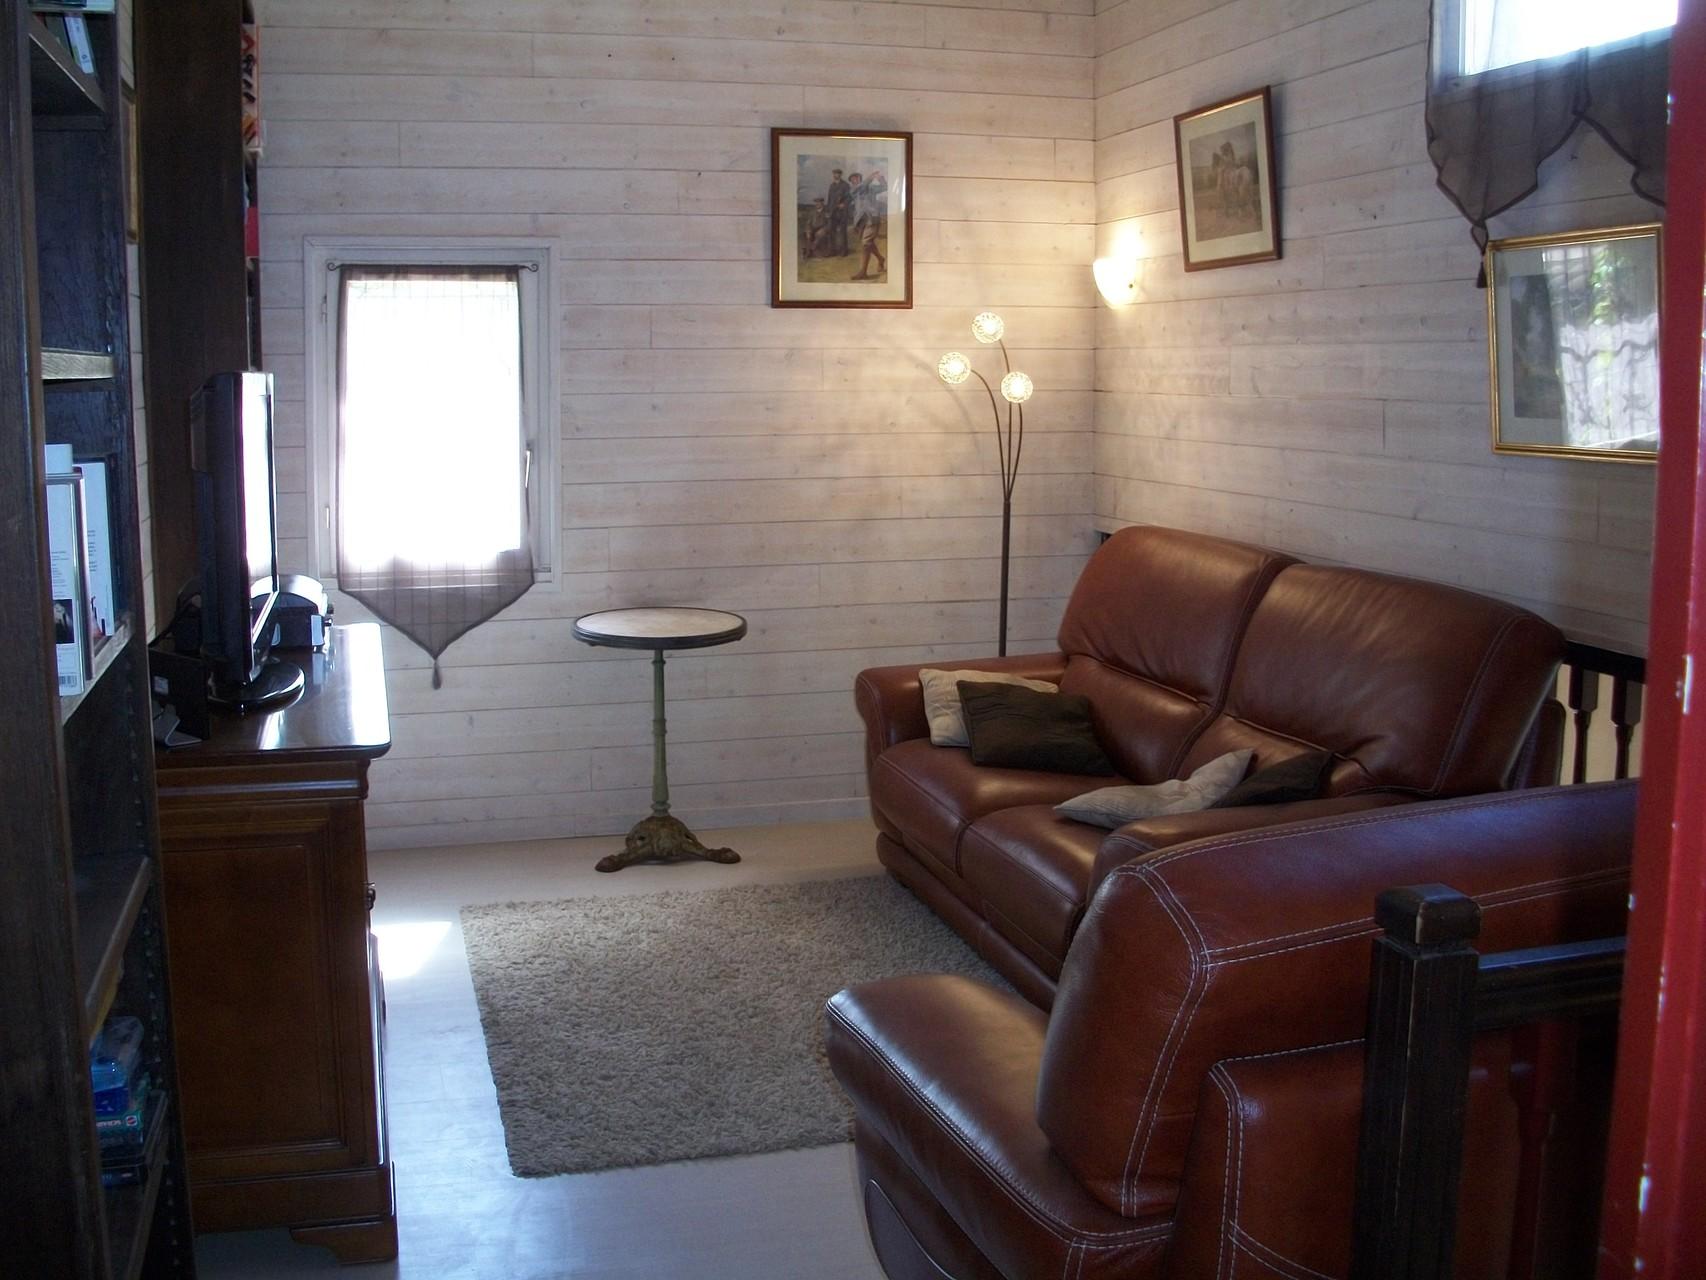 Chambres d'hôtes Le Pré Joli à Cancon - Le petit salon